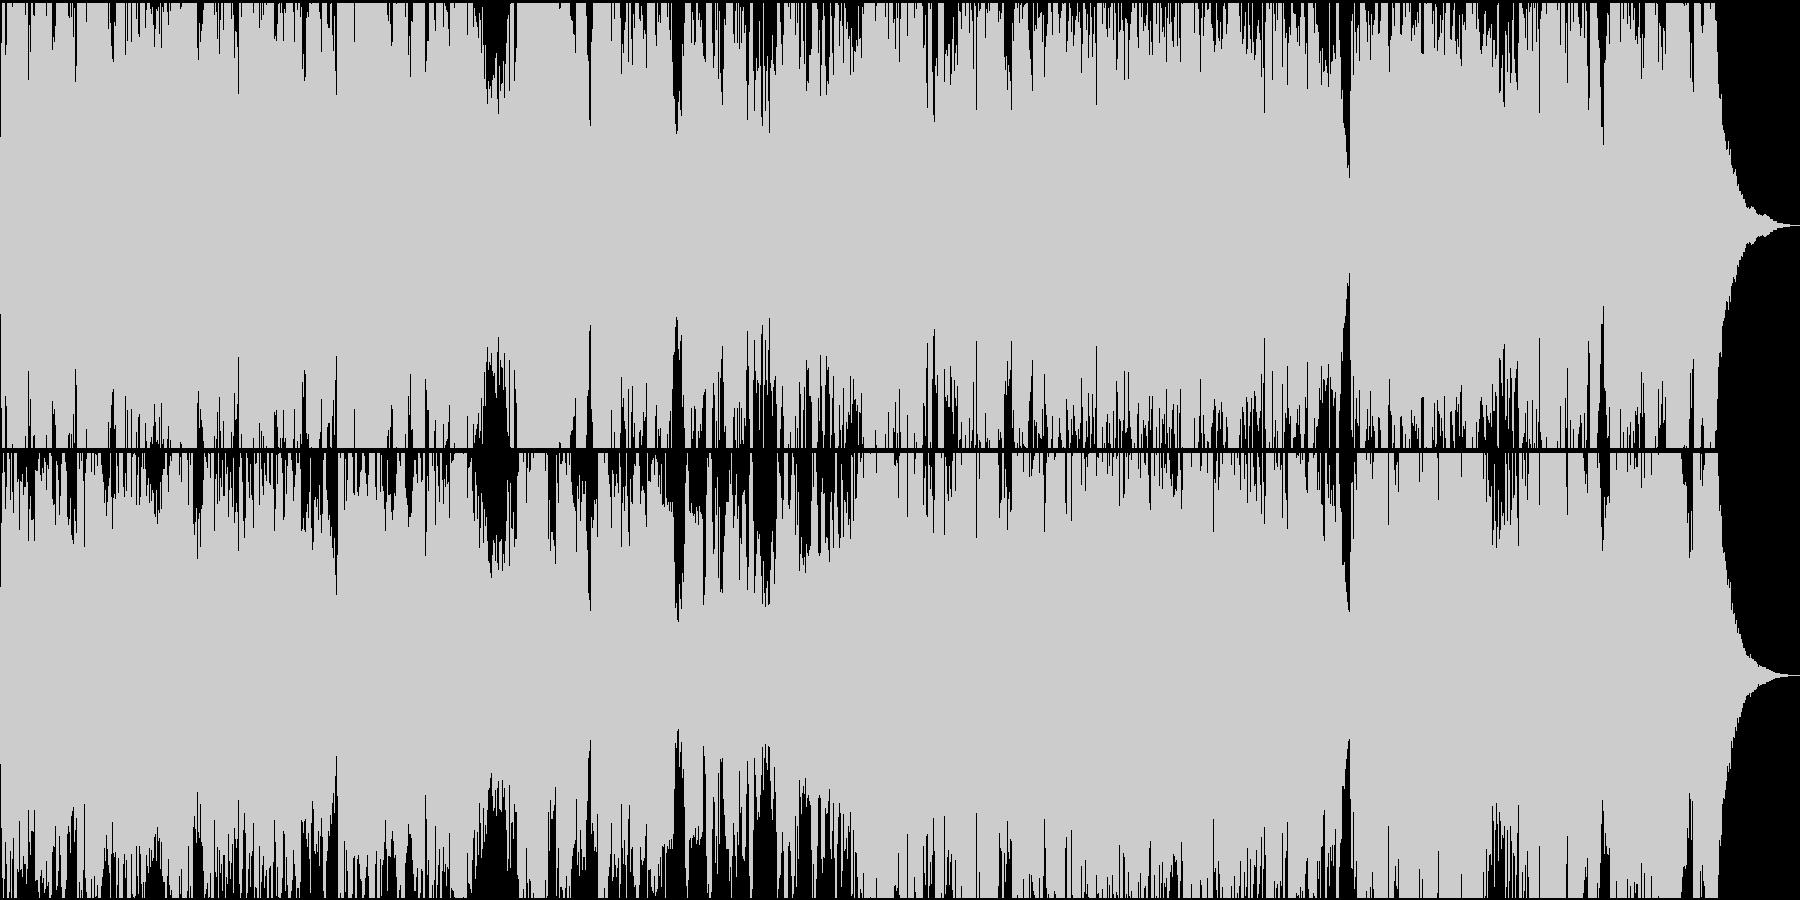 ゆったりフィドルとチェロのケルト楽曲の未再生の波形